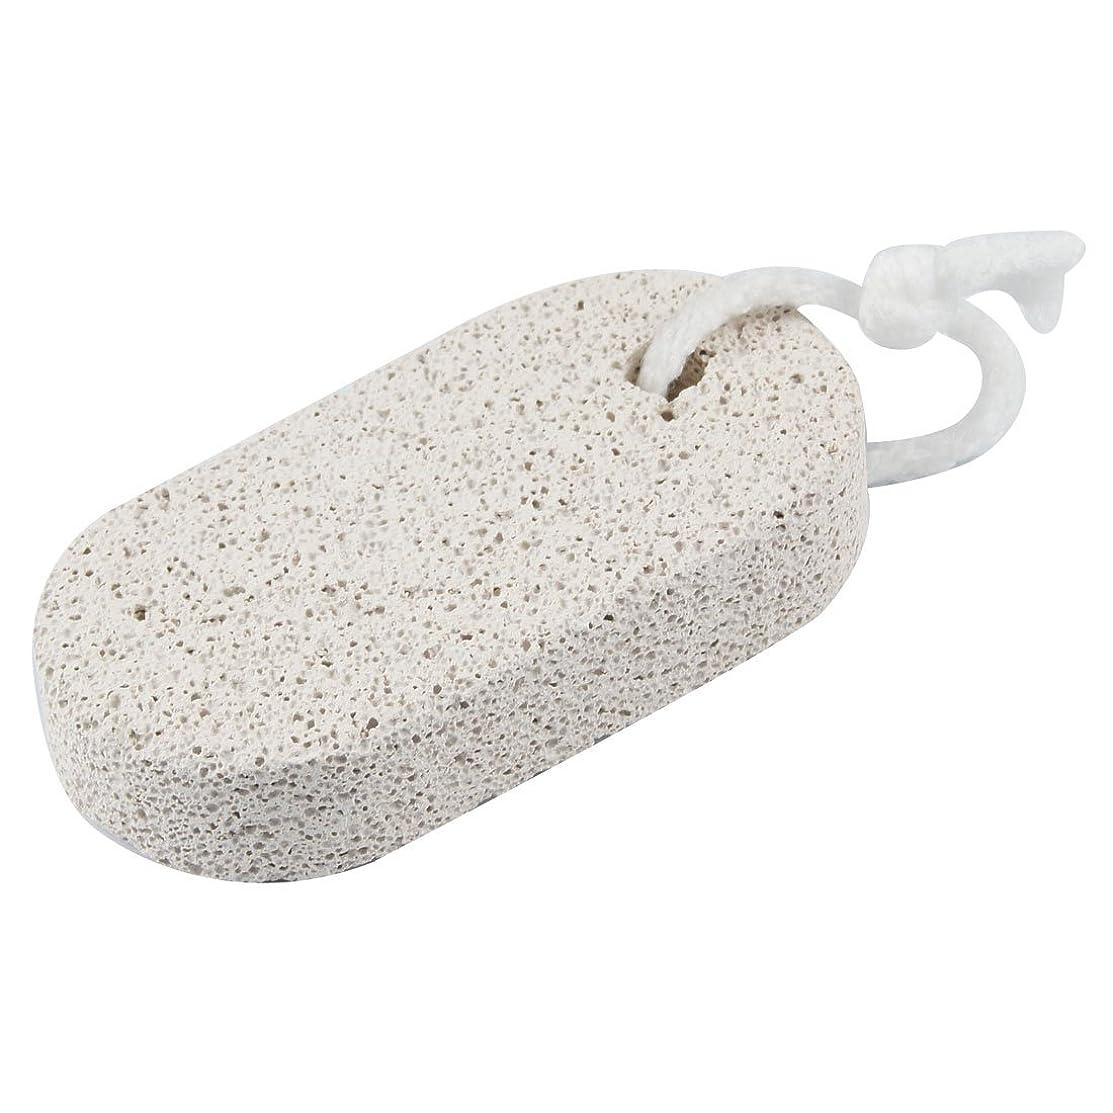 トレイ枕群がるuxcell フットファイル オーバルシェイプ 軽石製 フットペディキュアツール スキンリムーバー サンディングファイル